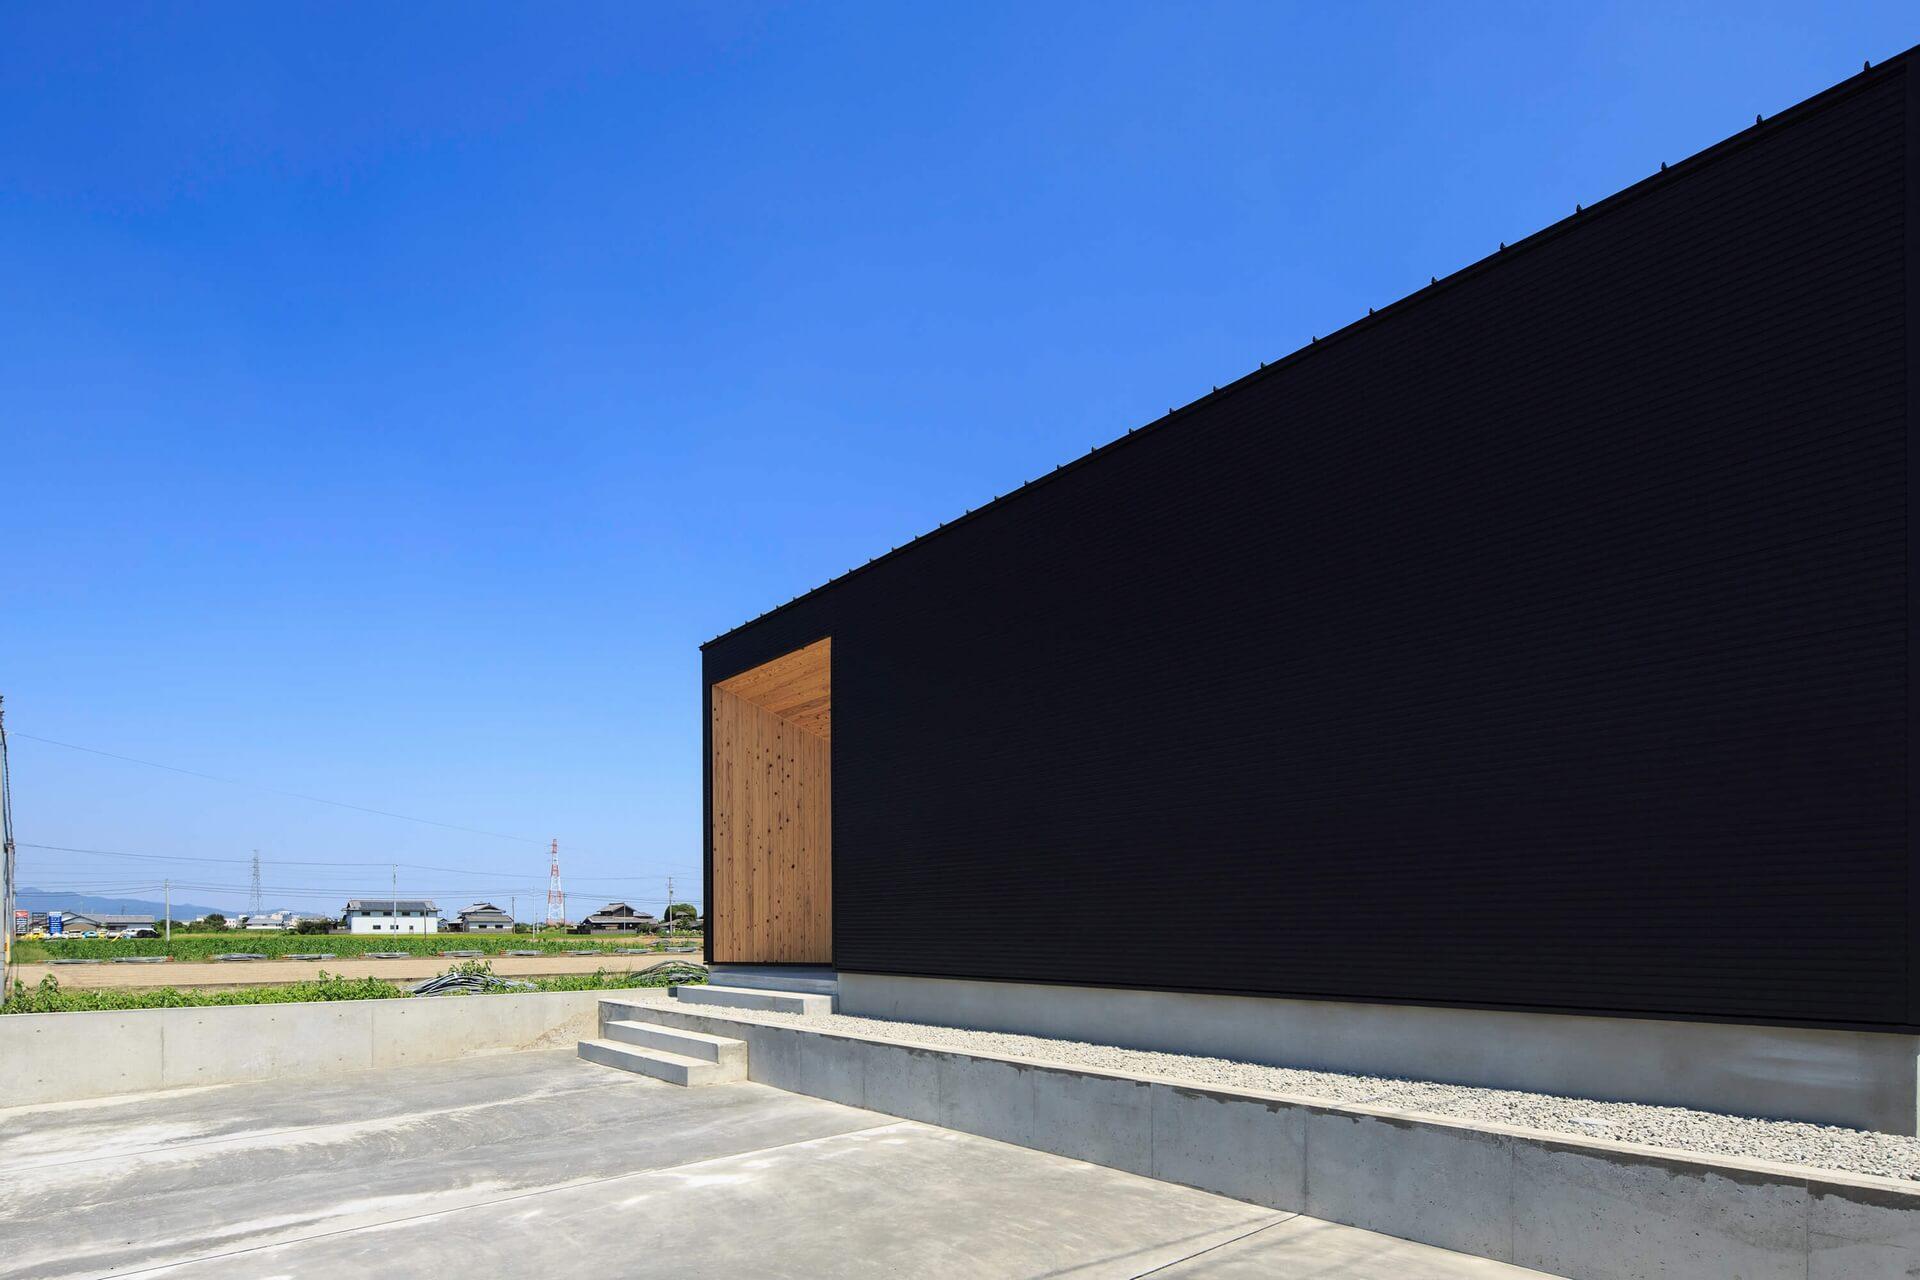 スライドショー用の黒い外観の家